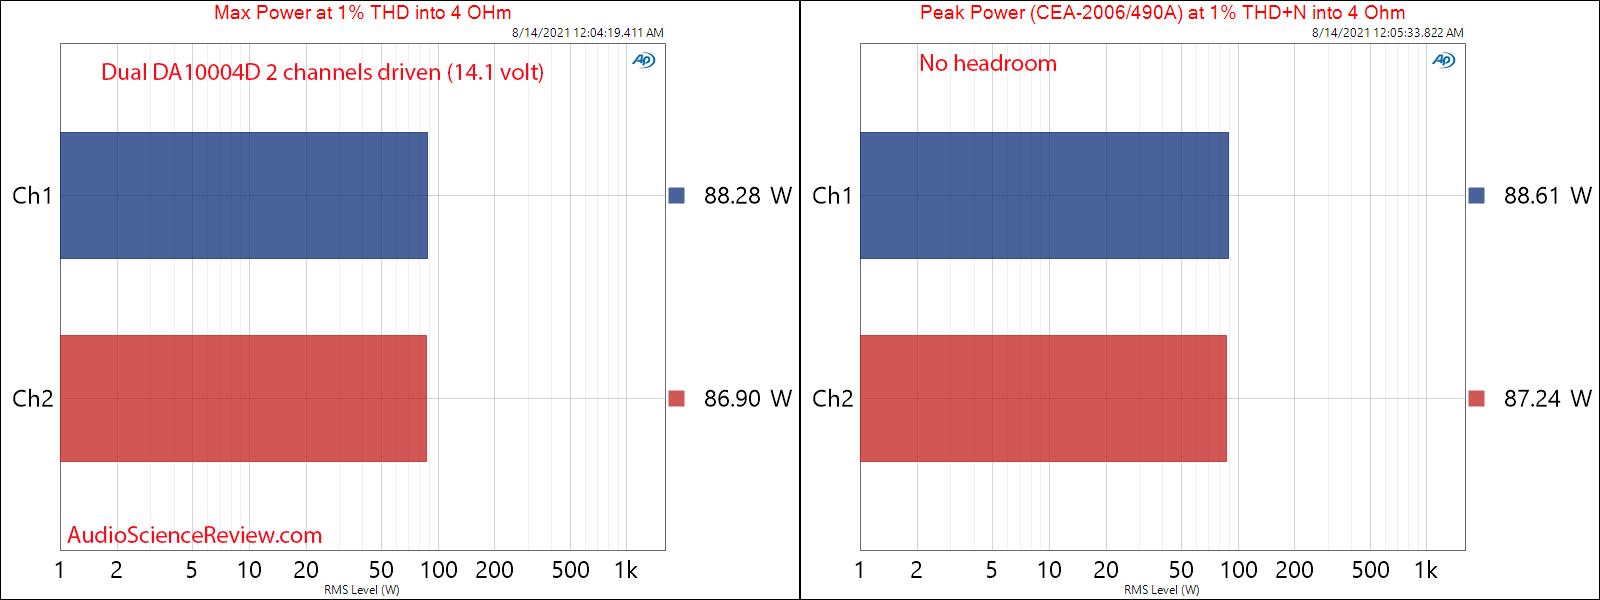 Dual DA10004D Measurements Peak and Max Power into 4 ohm Car Amplifier 4 channel Class D.png